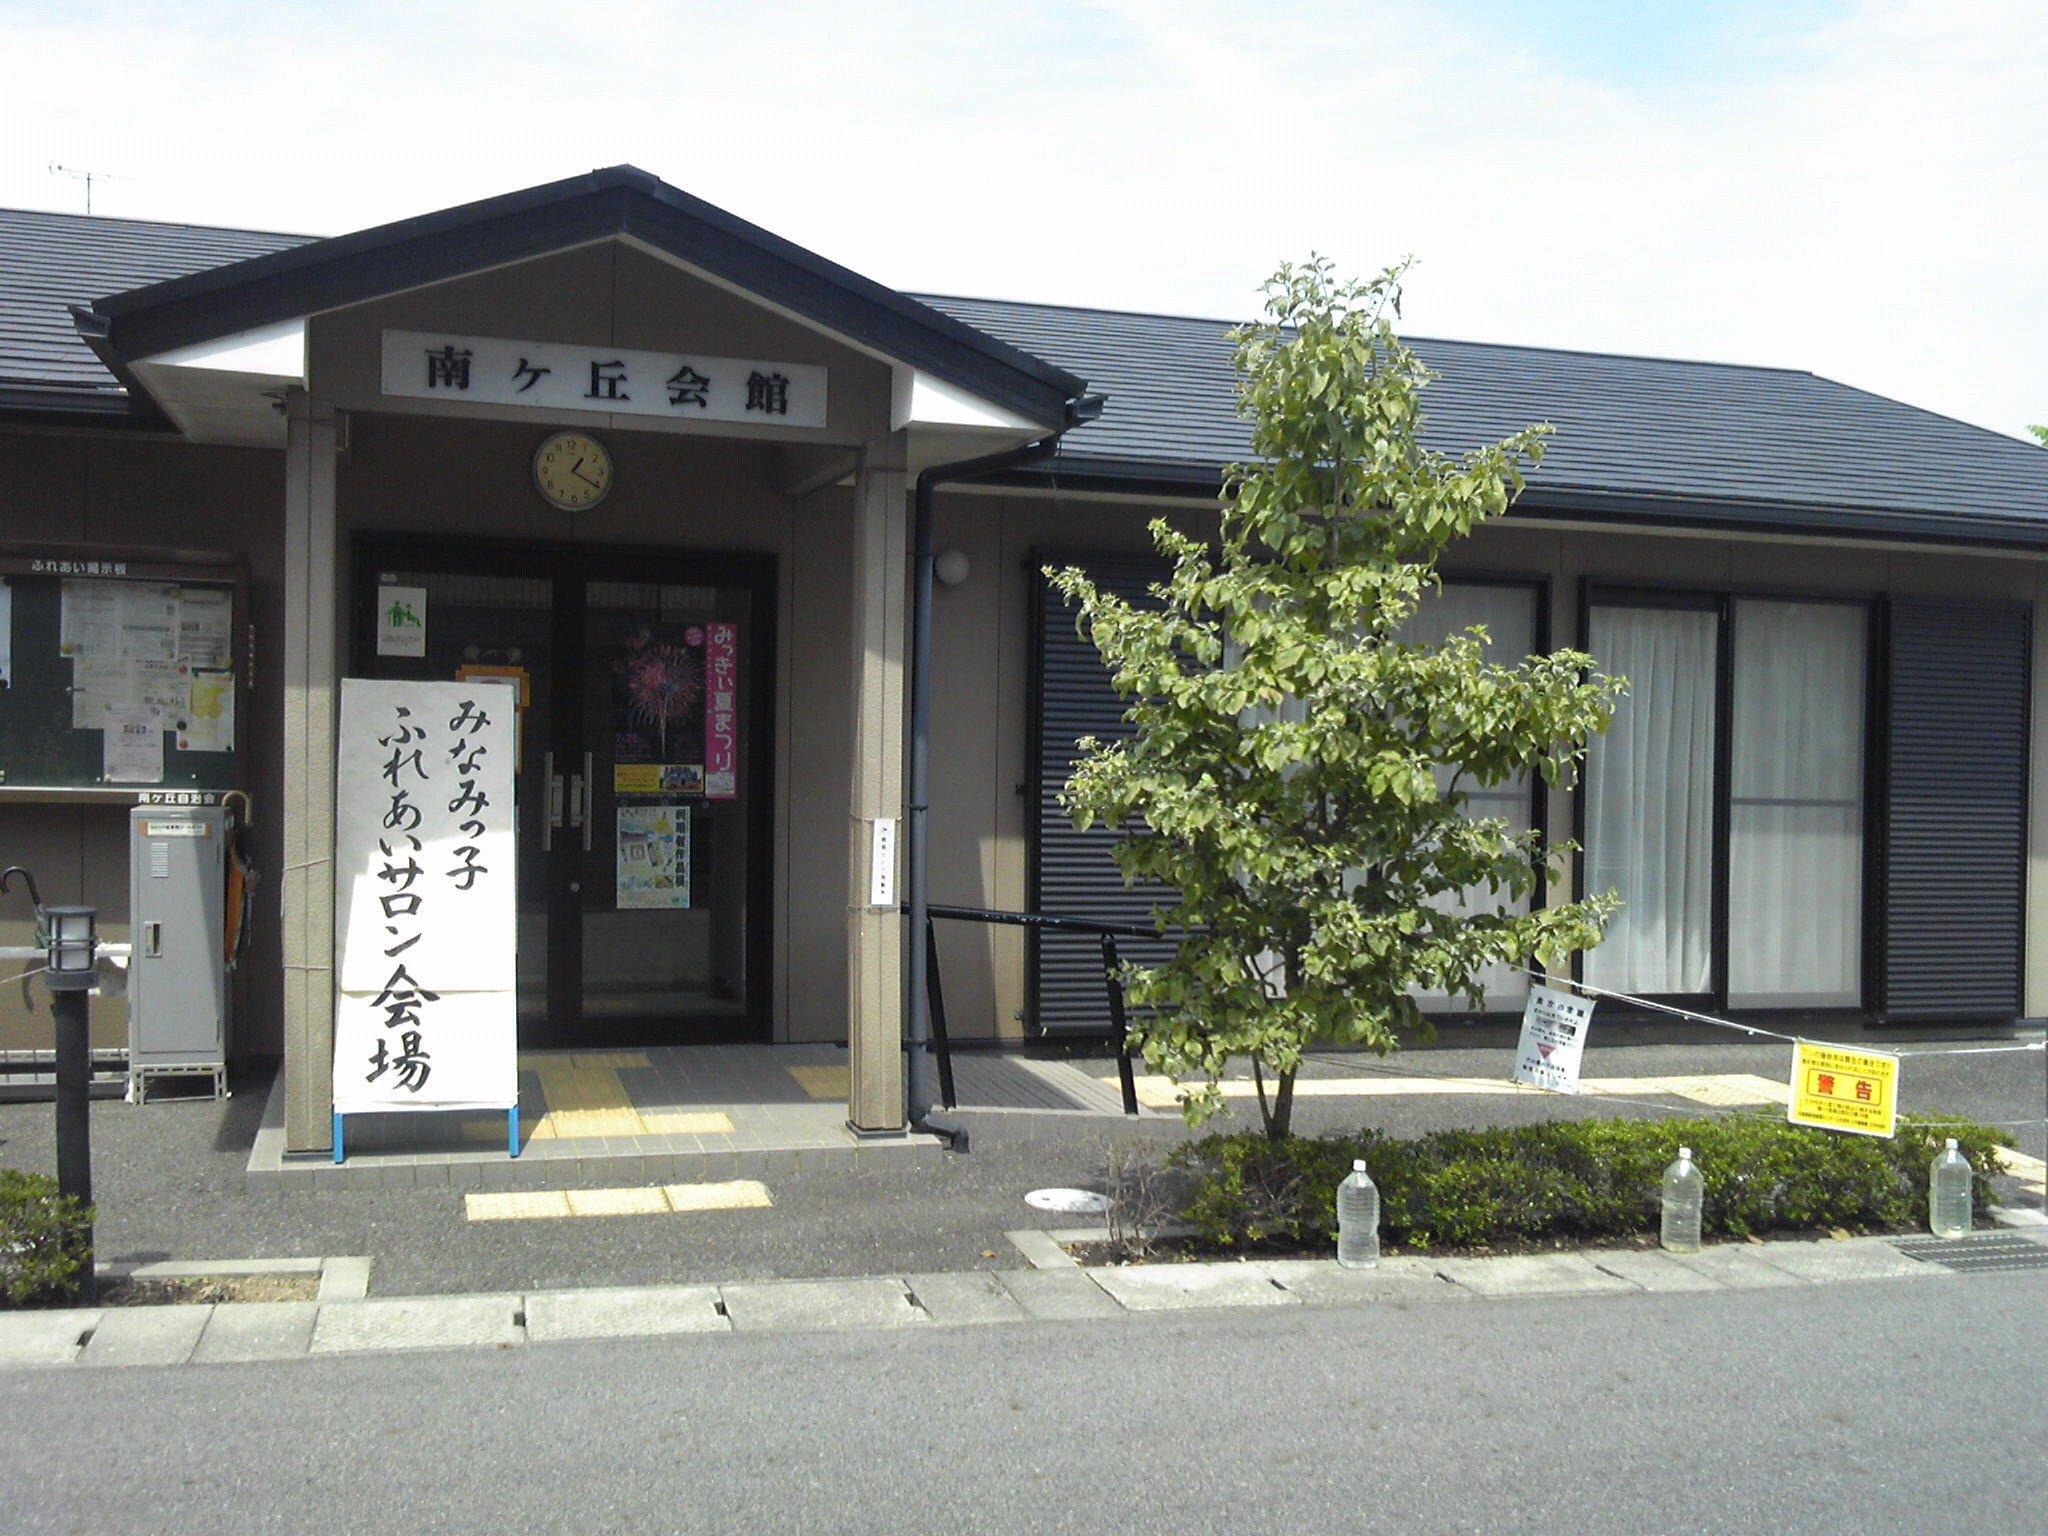 7/12(土)みなみっ子ふれあいサロン 出演_e0159902_17565472.jpg